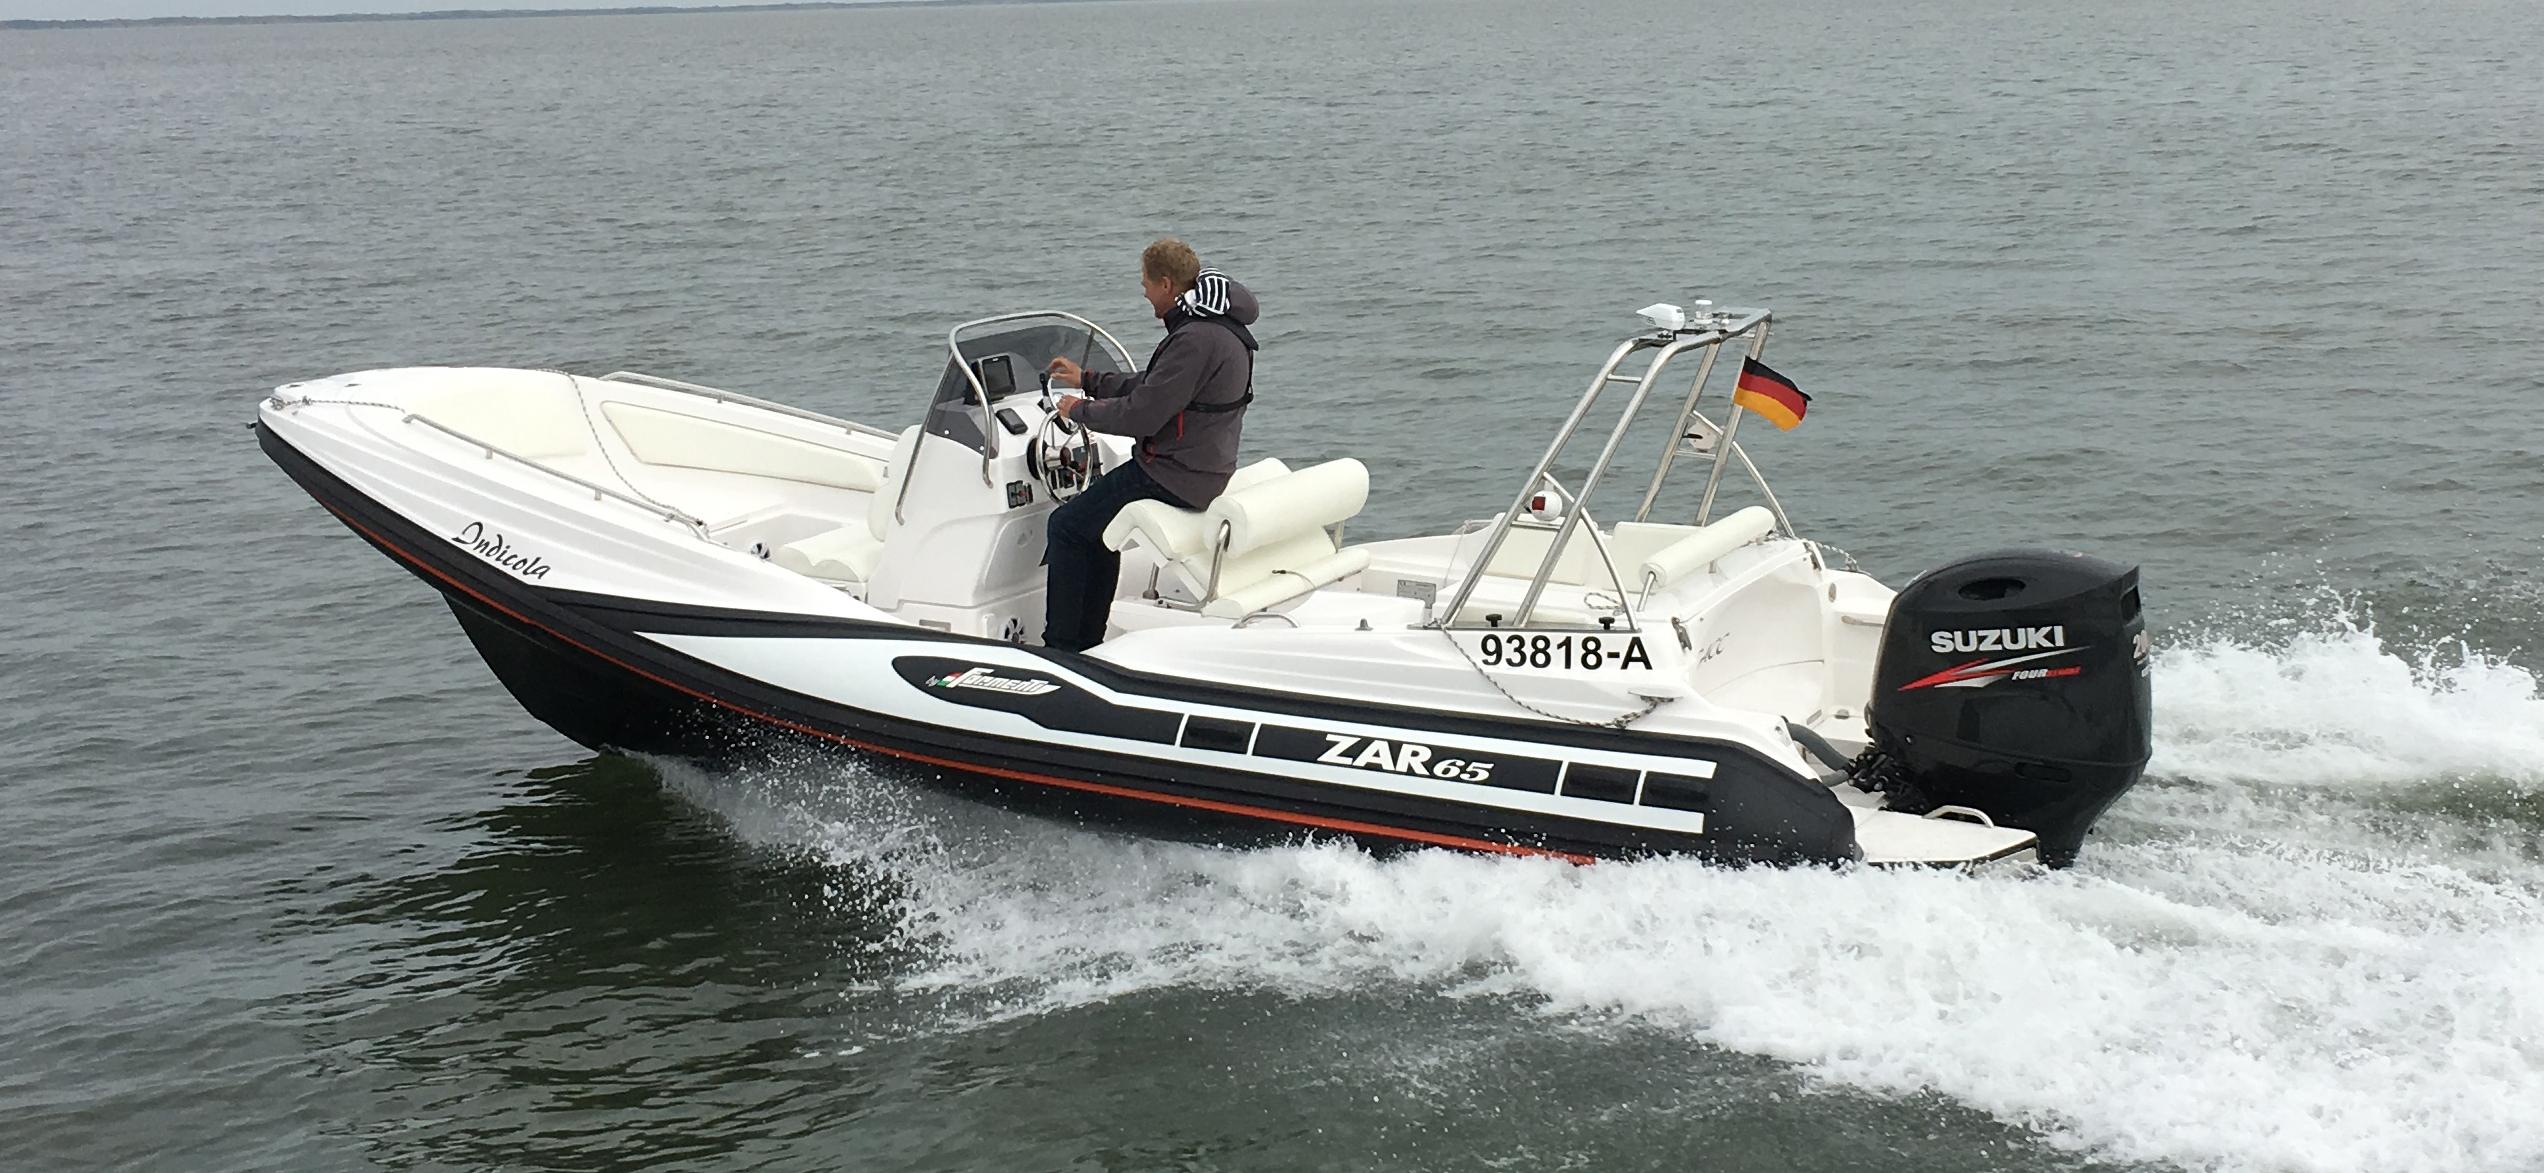 ZAR 65 auf Probefahrt auf der Nordsee